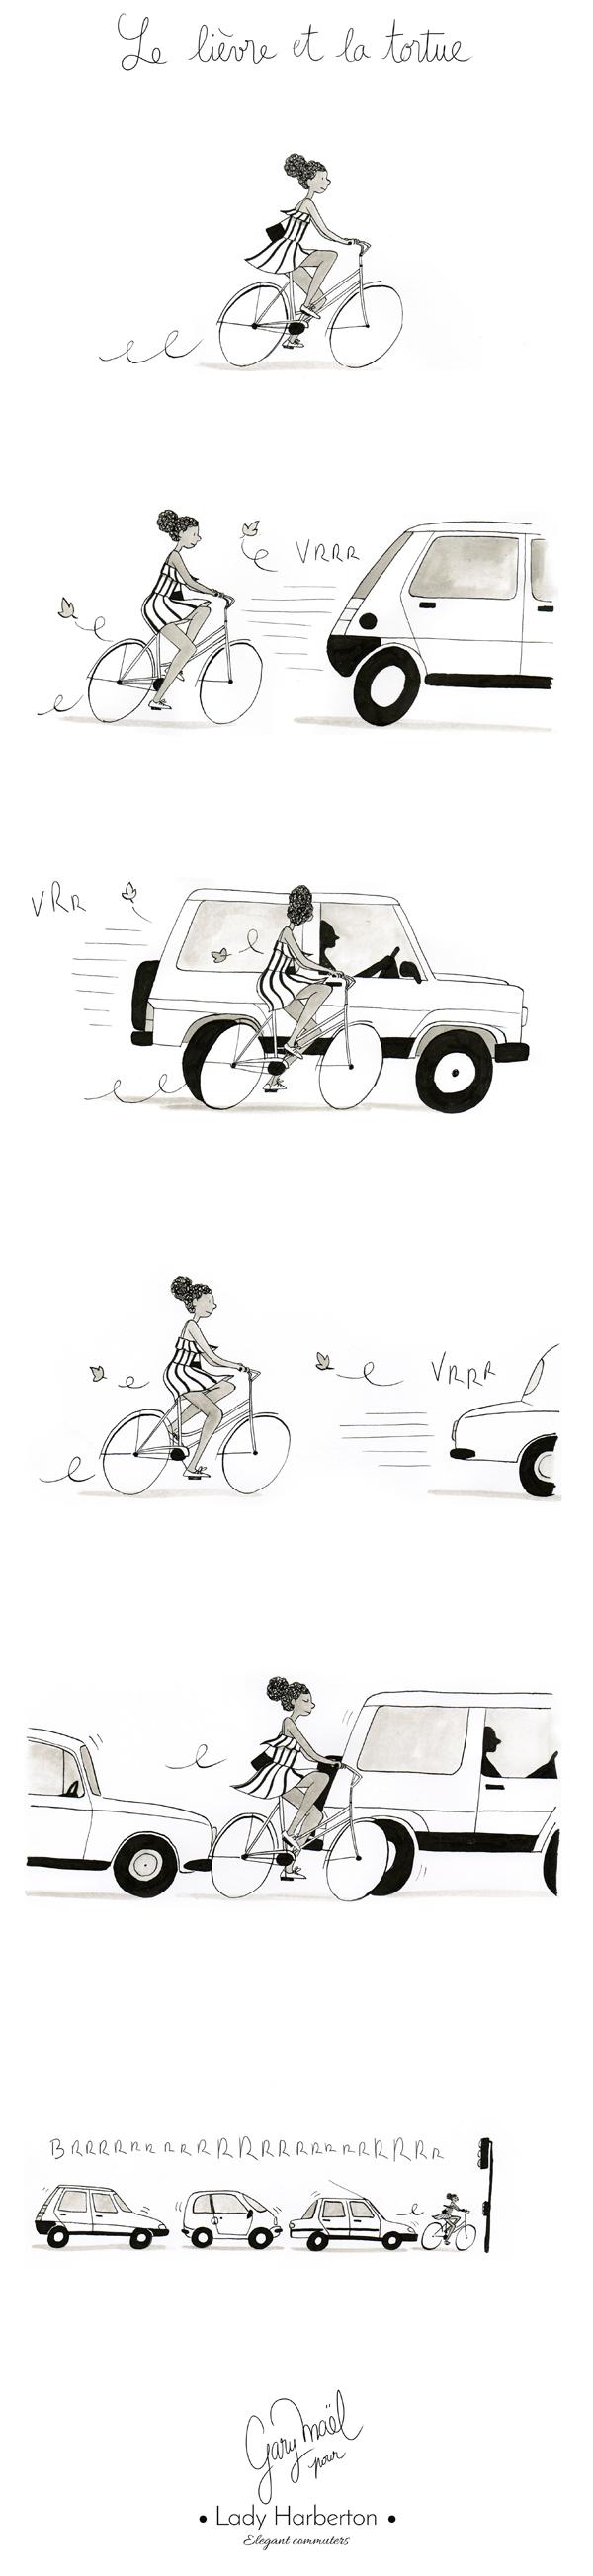 vélo en ville dessin par Gary Maël pour Lady Harberton